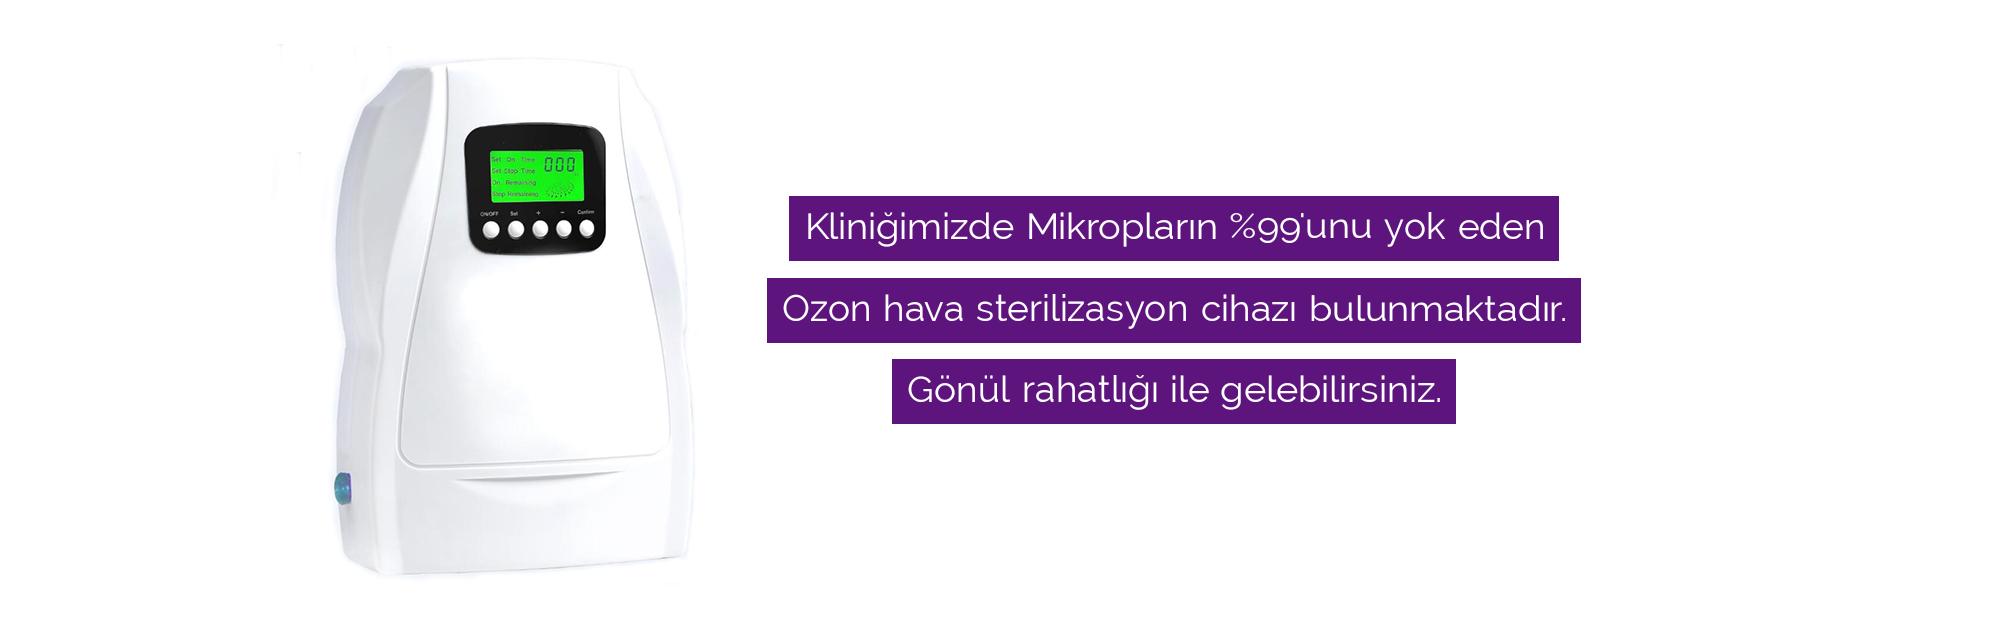 ozon-slide